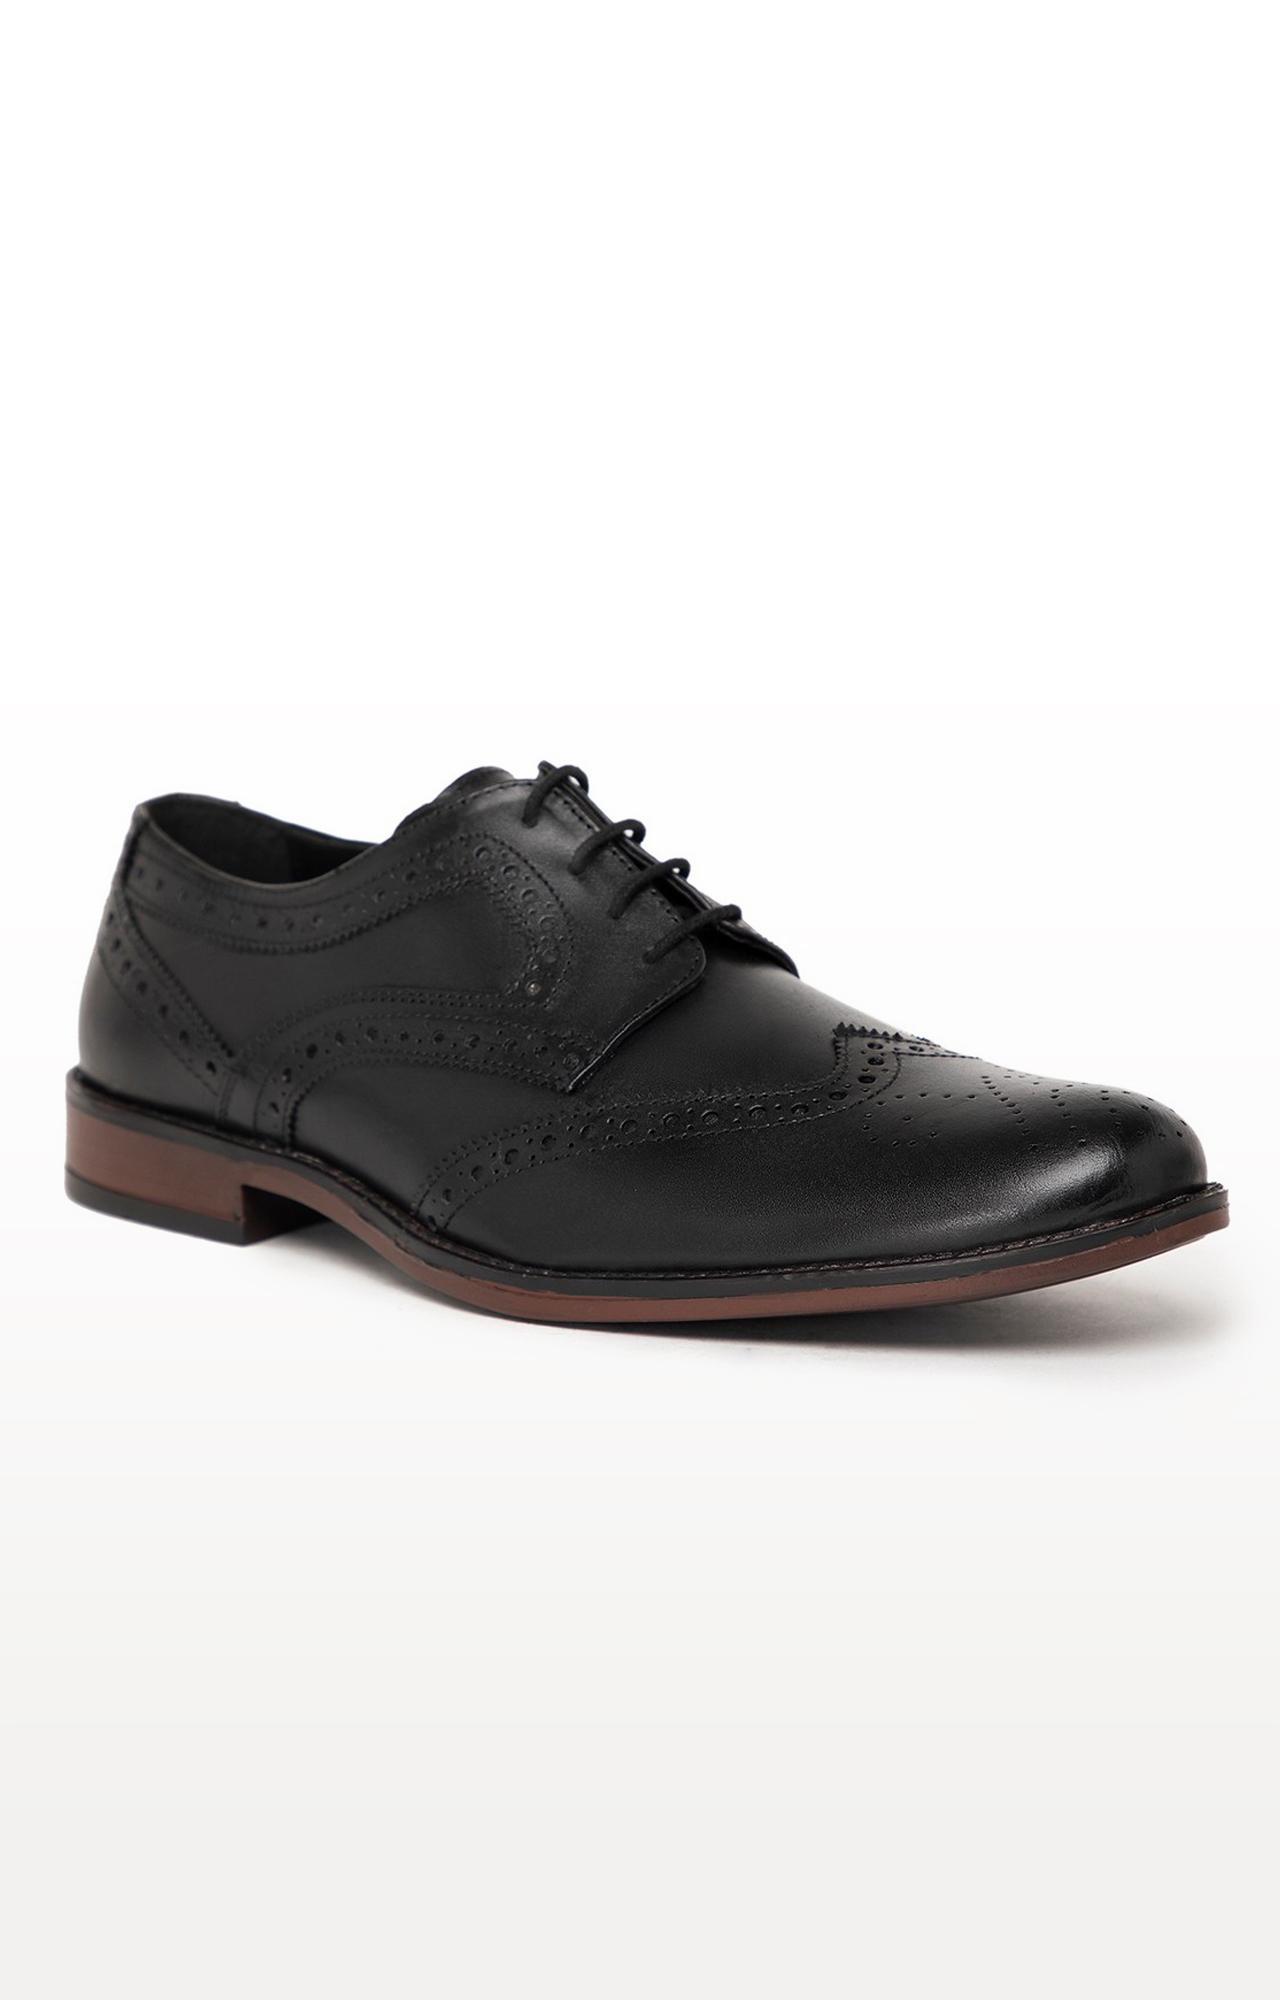 Noble Curve   Black Derby Brogues Shoes